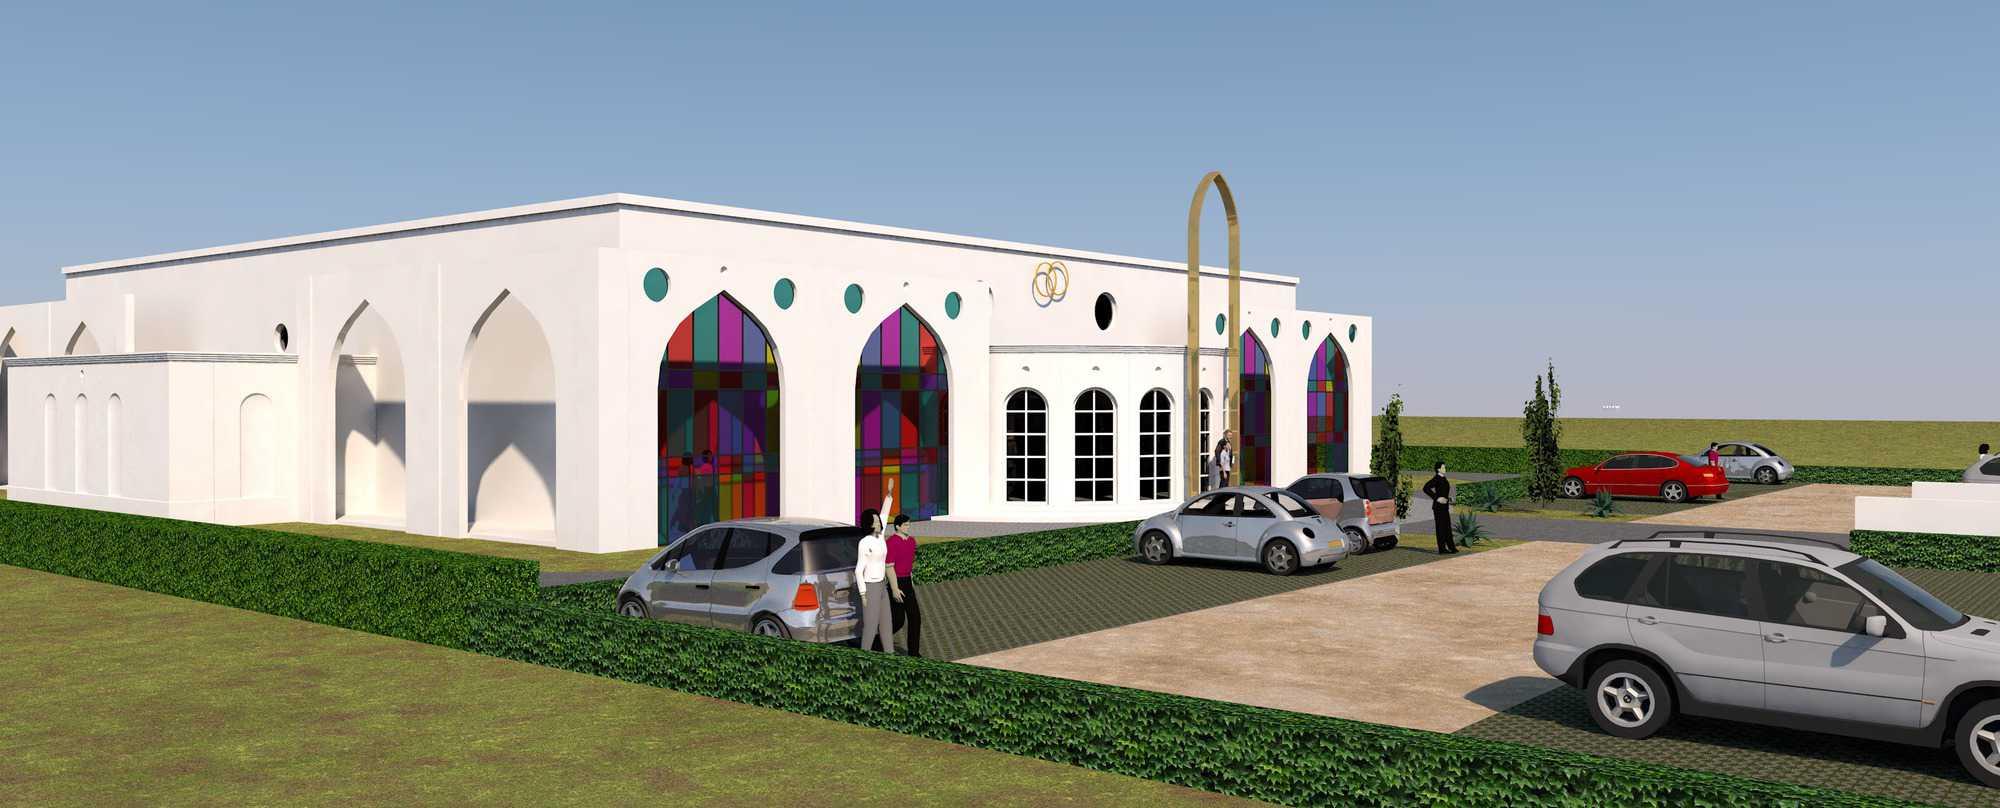 Detail afbeelding 3 van BEJAZ SARAY – ontmoetingscentrum   Ontwerp door architect Patrick Strackx